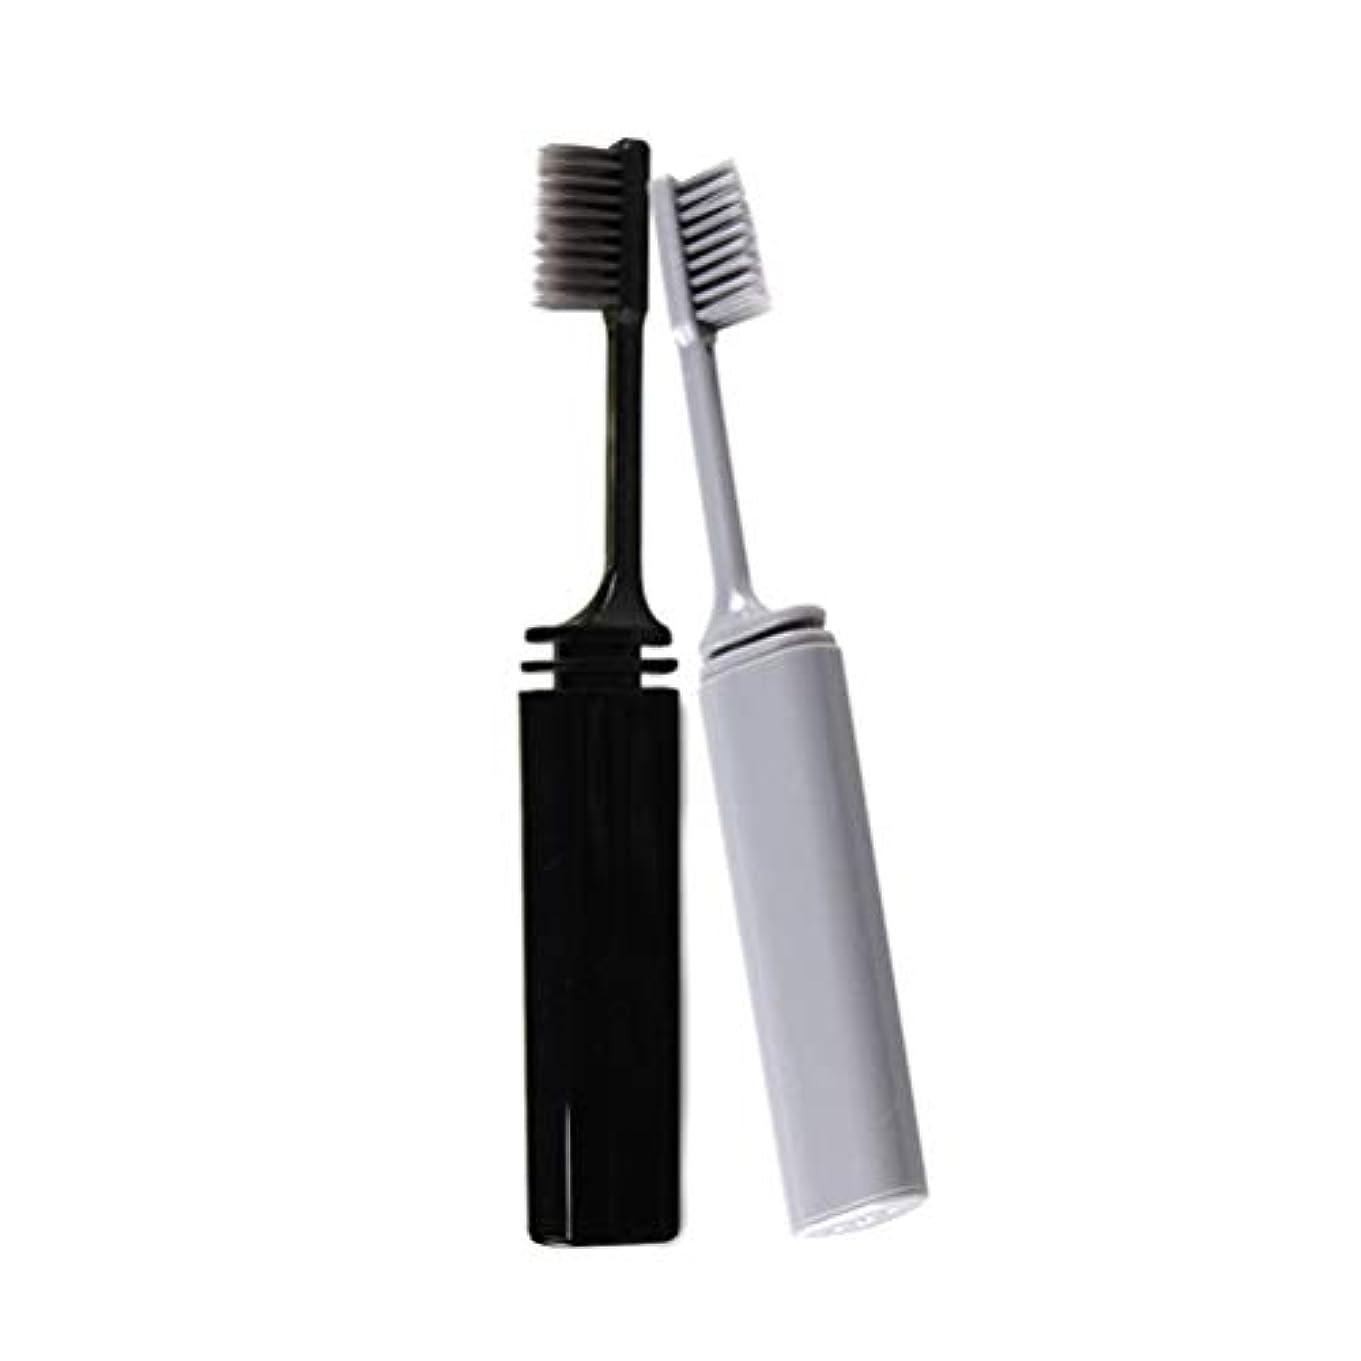 SUPVOX 2本旅行歯ブラシポータブル折りたたみ竹炭柔らかい剛毛歯ブラシ(グレーブラック)